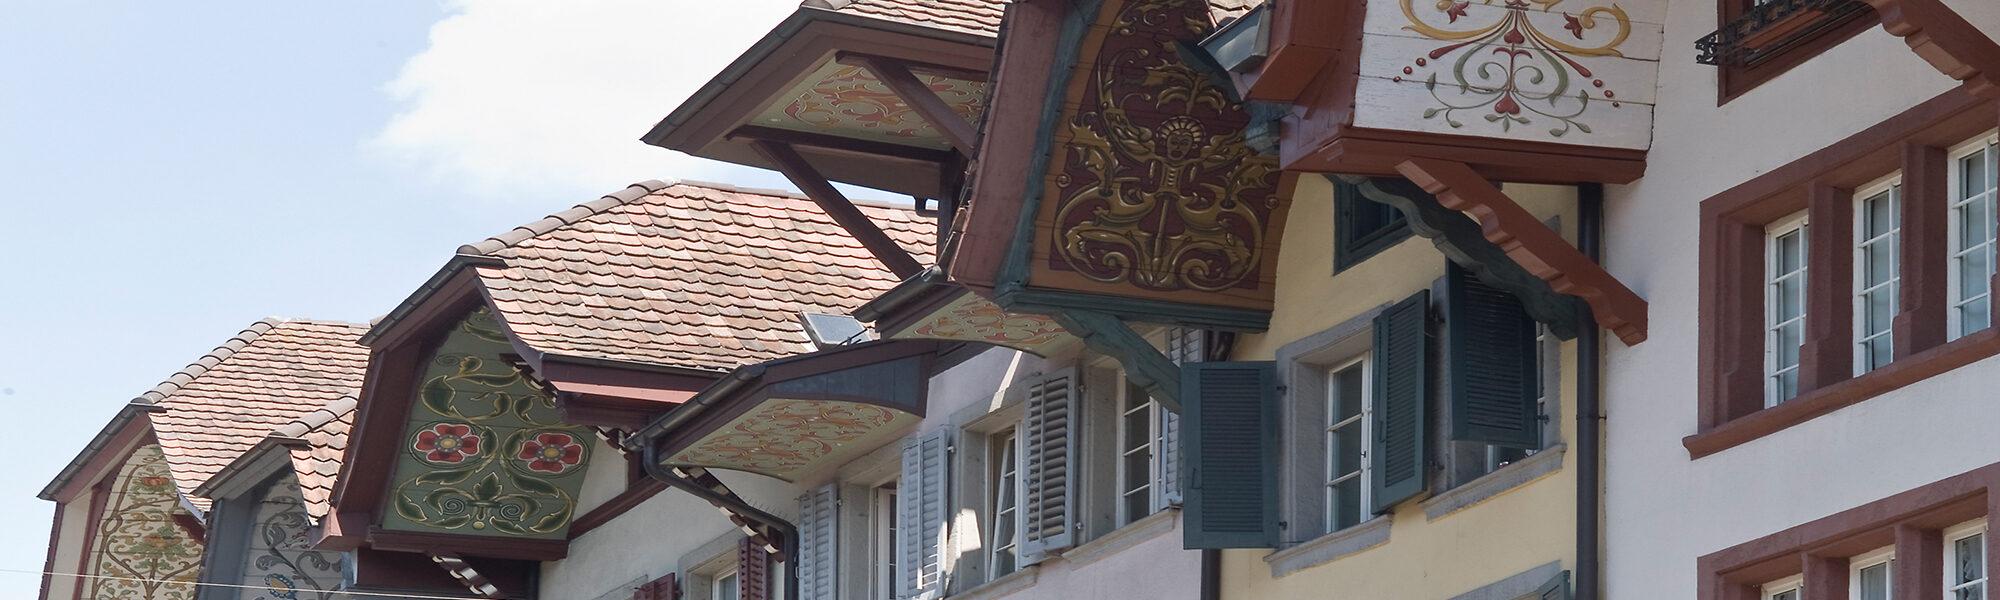 Aarau – Stadt der schönen Giebel